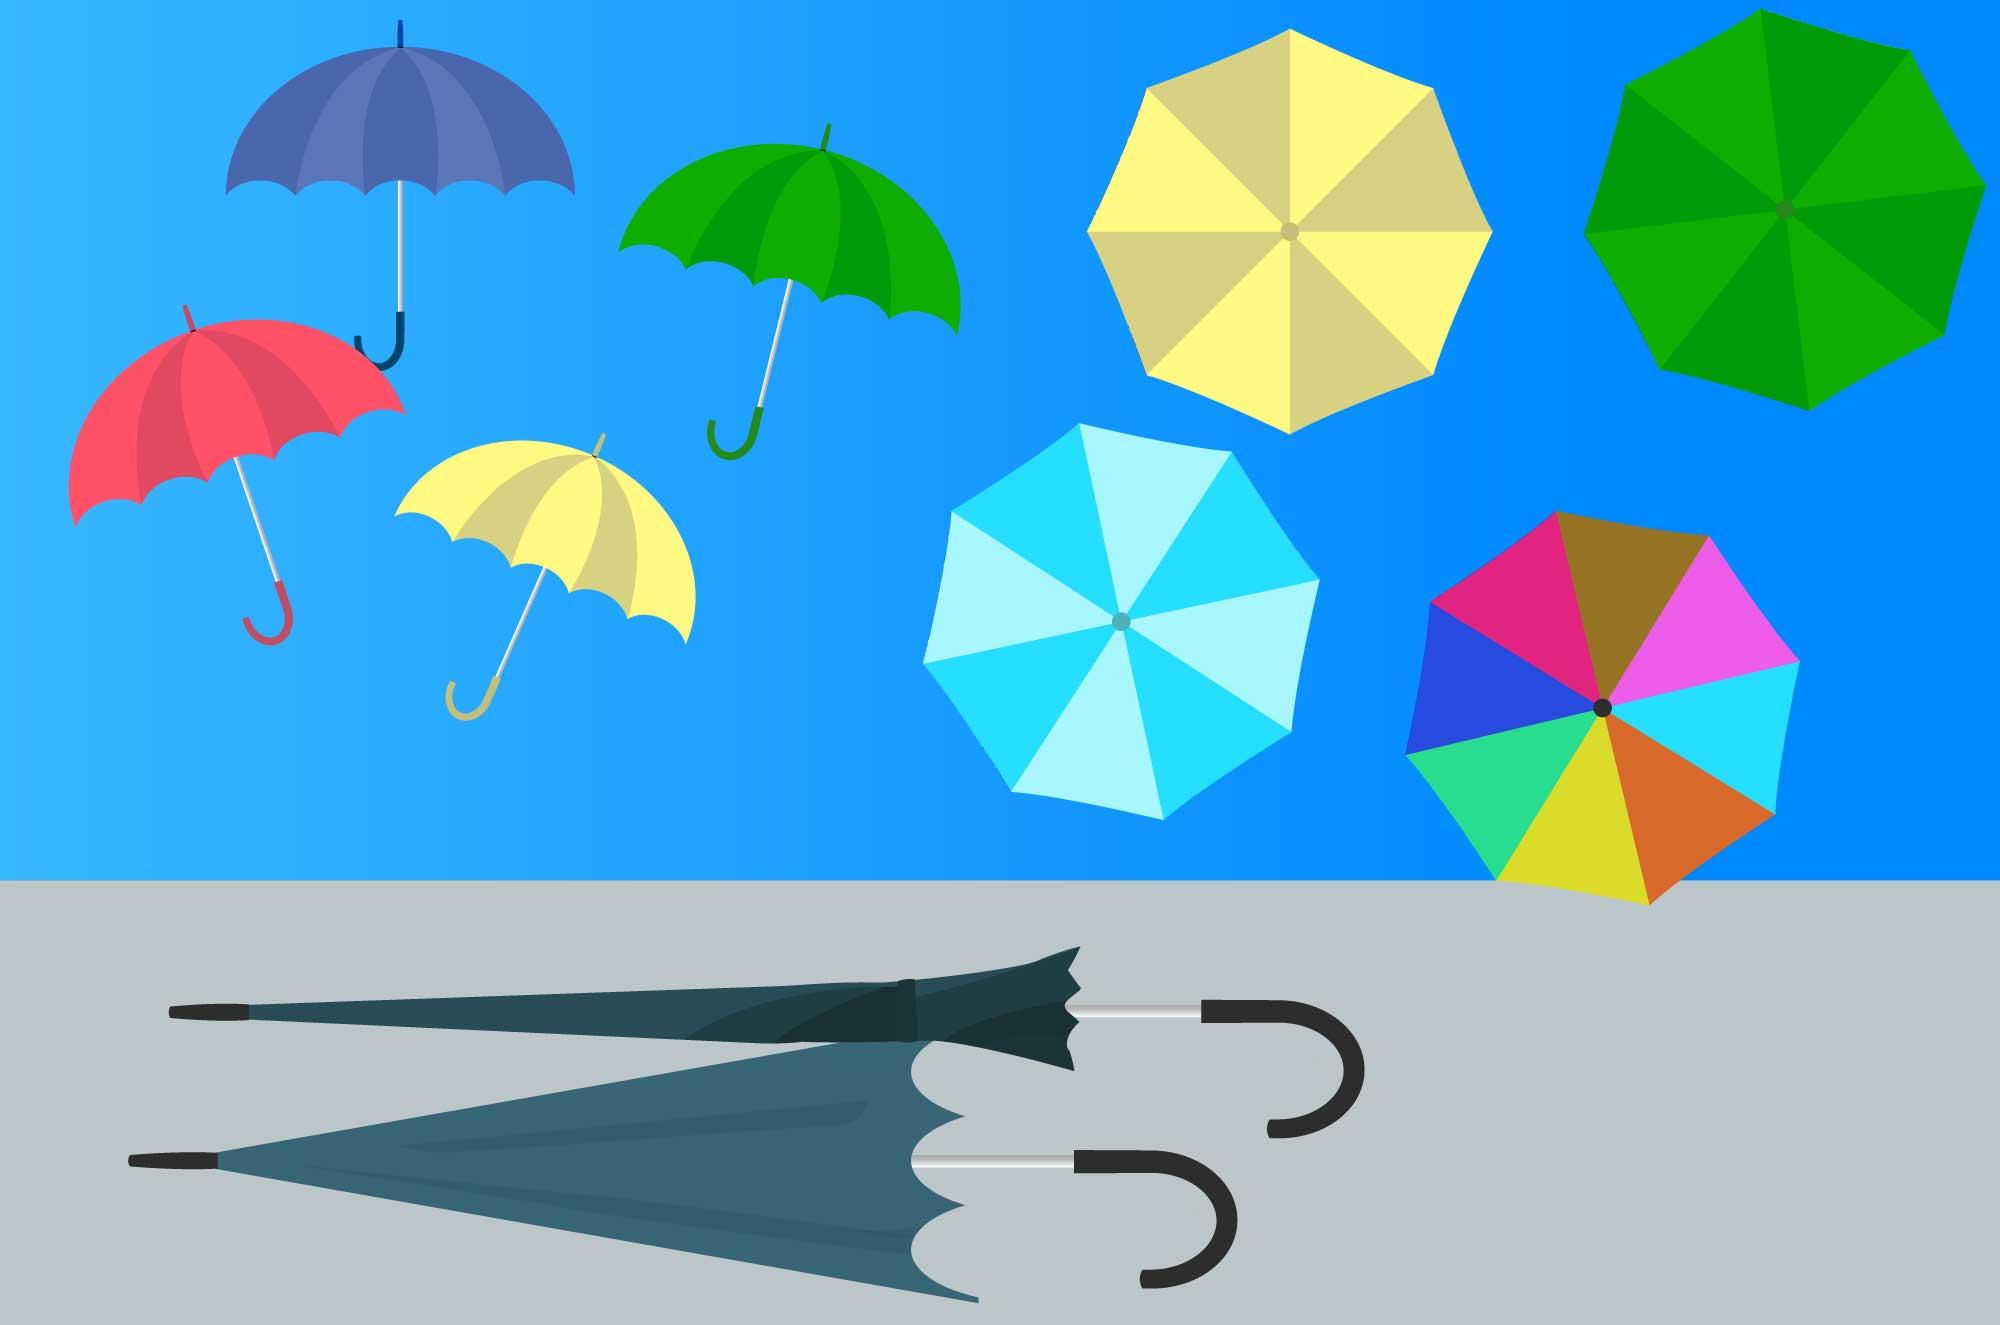 傘の無料イラスト - 雨マークと雨具の日用生活品素材